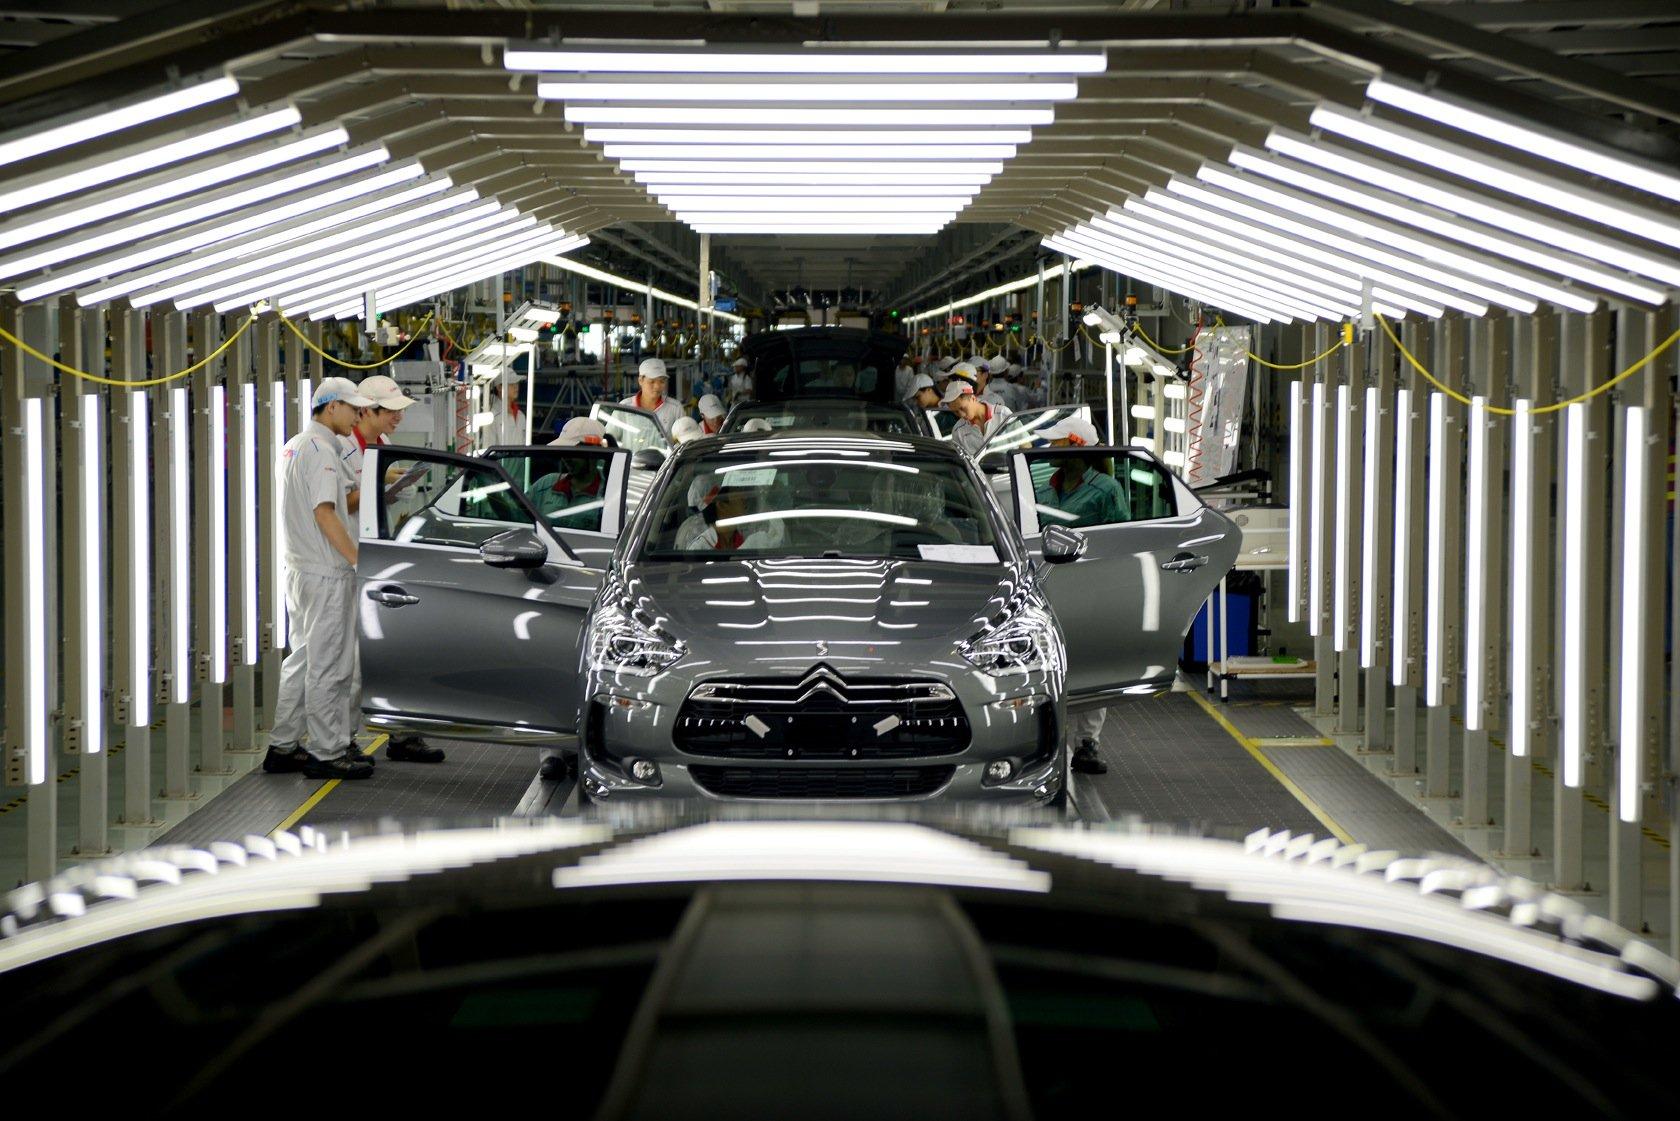 Der angeschlagene PSA-Konzern hat im September ein neues Produktionswerk im chinesischen Shenzhen eröffnet. In Frankreich will er hingegen rund 8000 Arbeitsplätze streichen. Denn die aktuellen Quartalszahlen verheißen nichts Gutes: Im Vergleich zum Vorjahr ist der Umsatz um 3,7 Prozent gesunken.